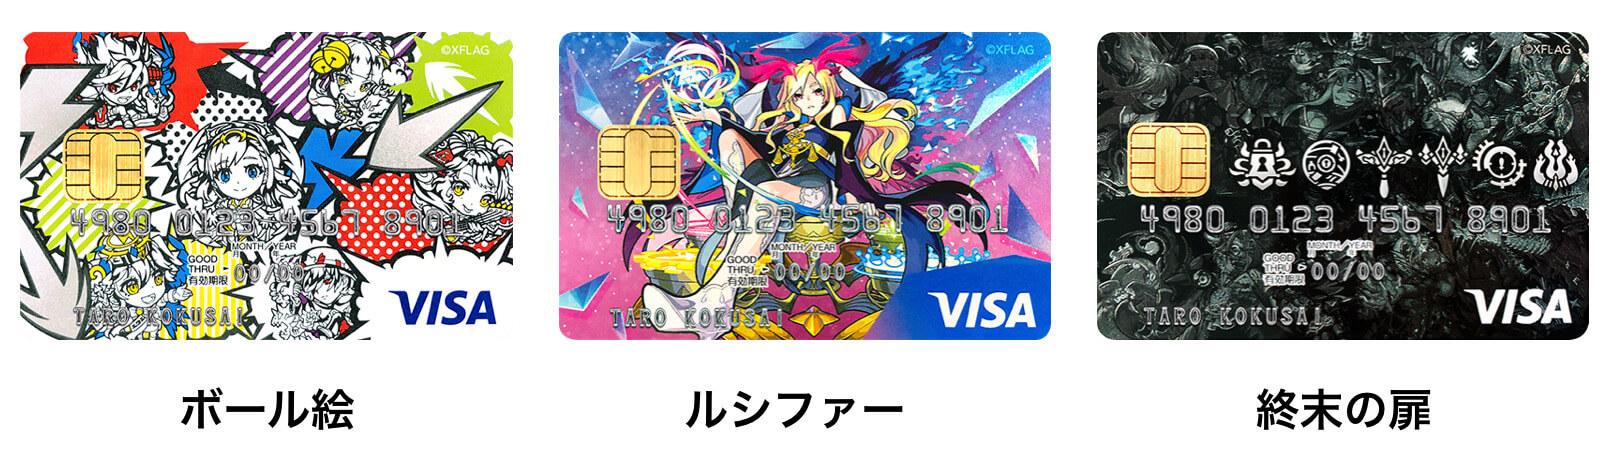 モンスターストライクVISAカード キャラクター クレジットカード